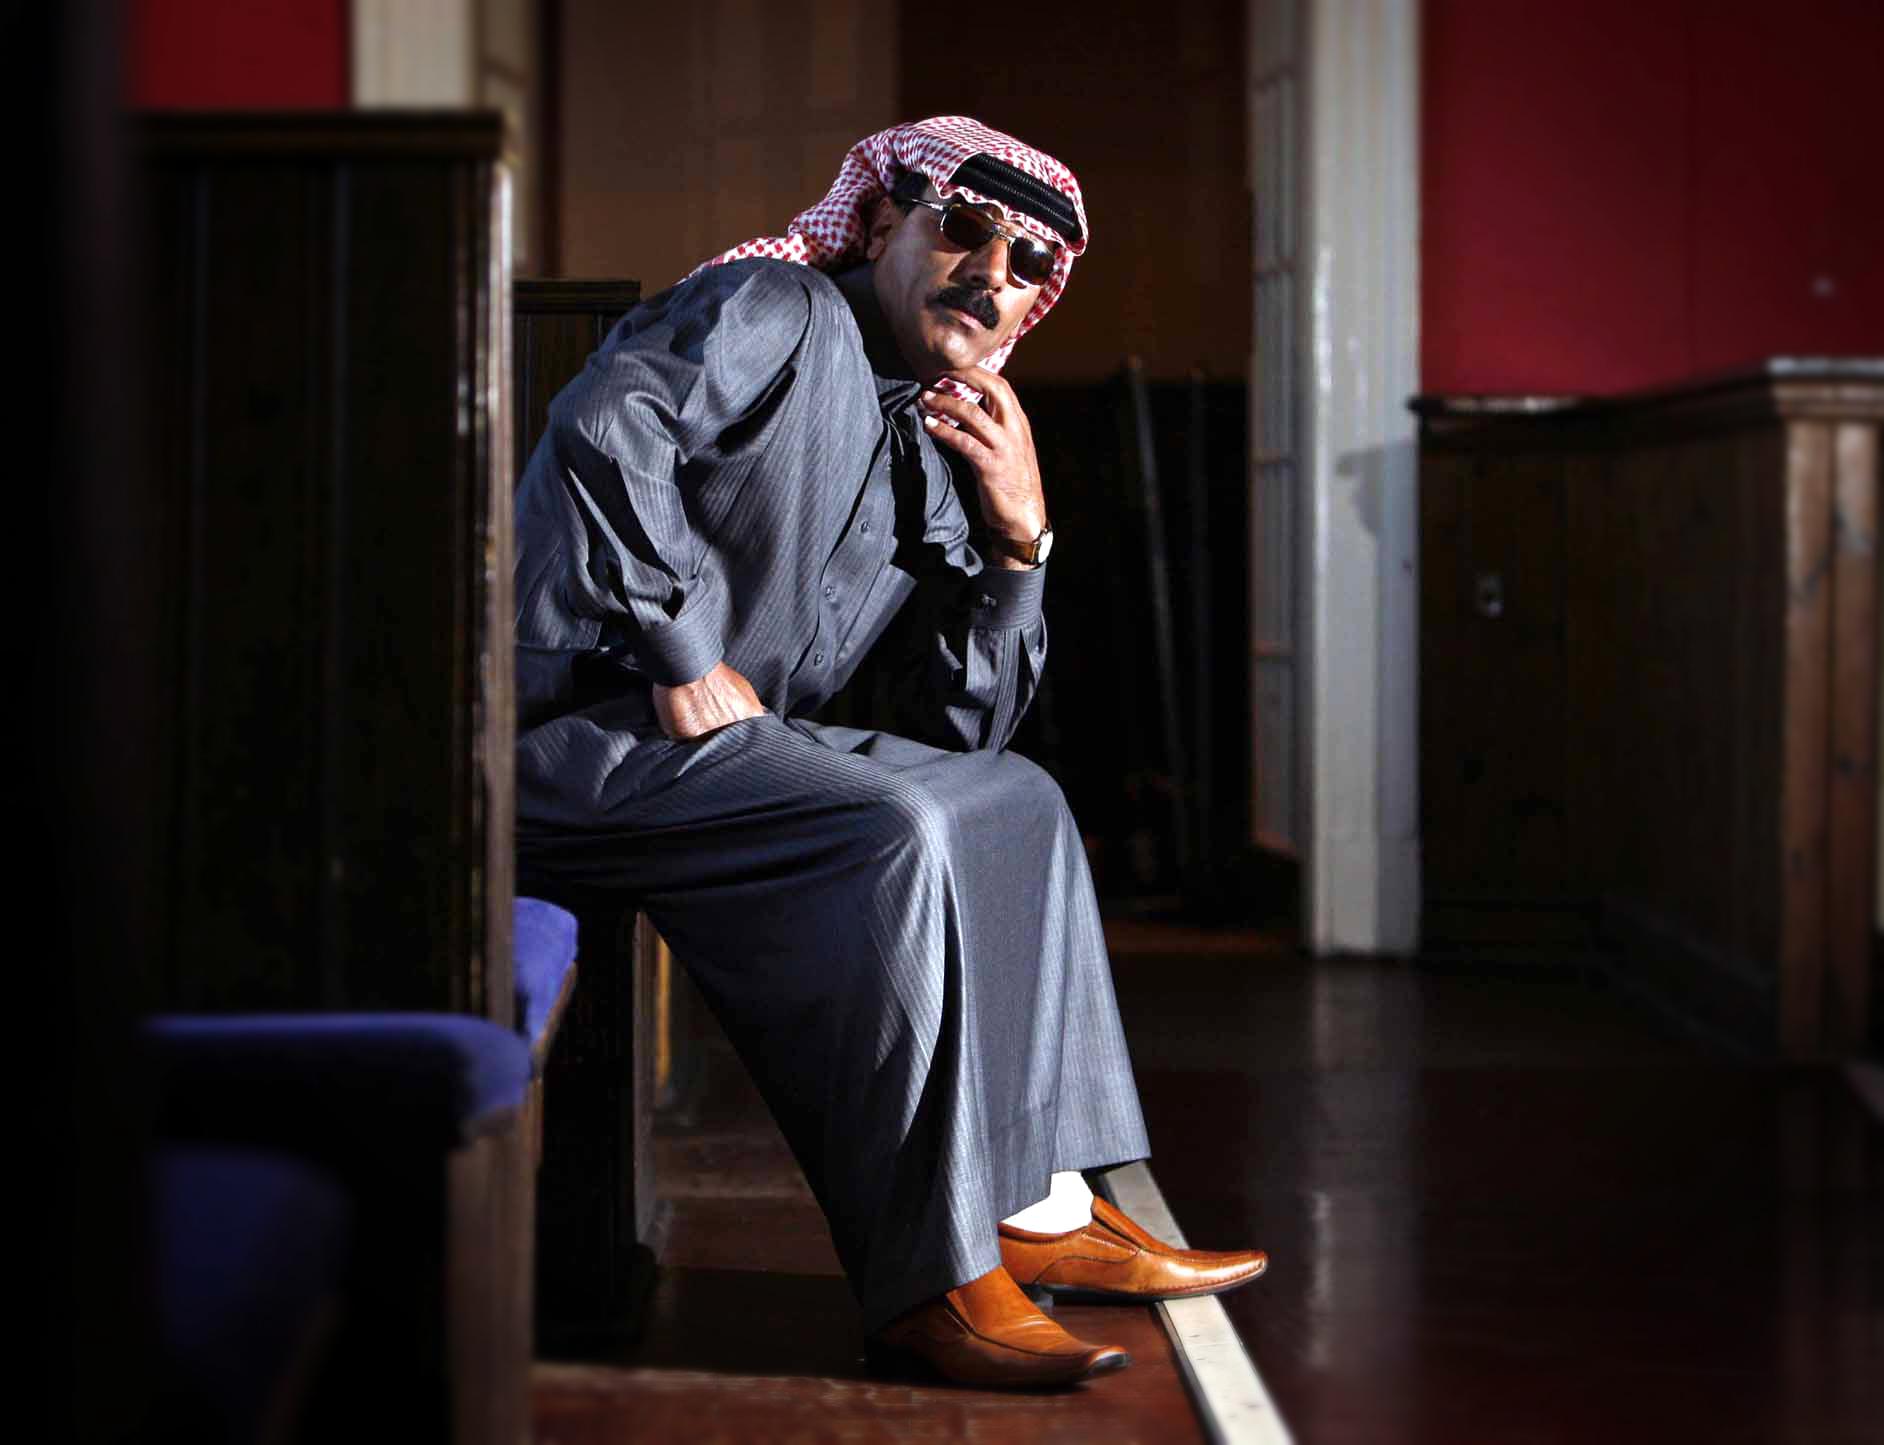 Omar Suleyman ~ Amazing Syrian Musician